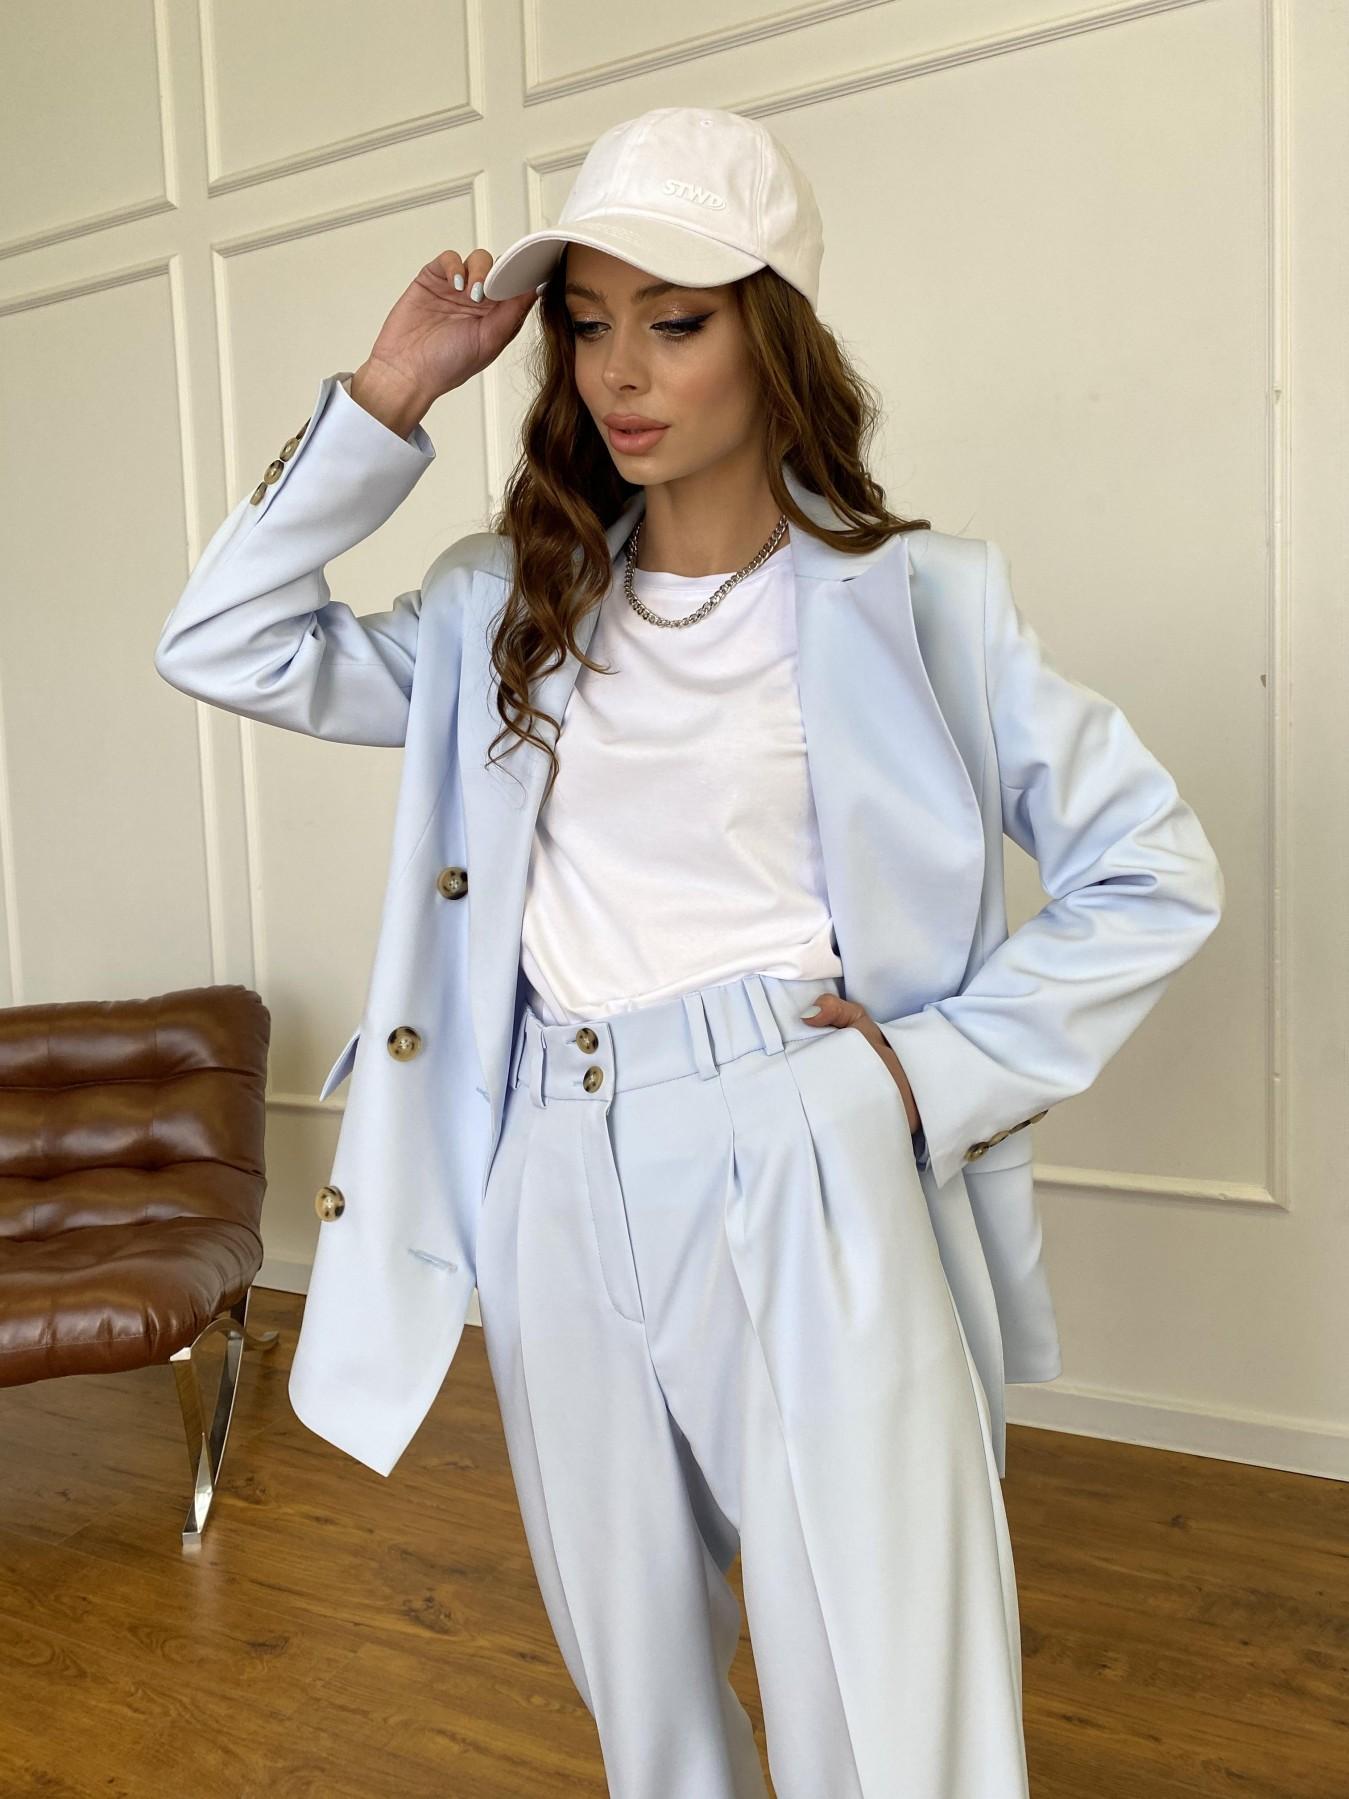 Белисимо  костюм стрейч из костюмной ткани 11217 АРТ. 47737 Цвет: Голубой - фото 12, интернет магазин tm-modus.ru